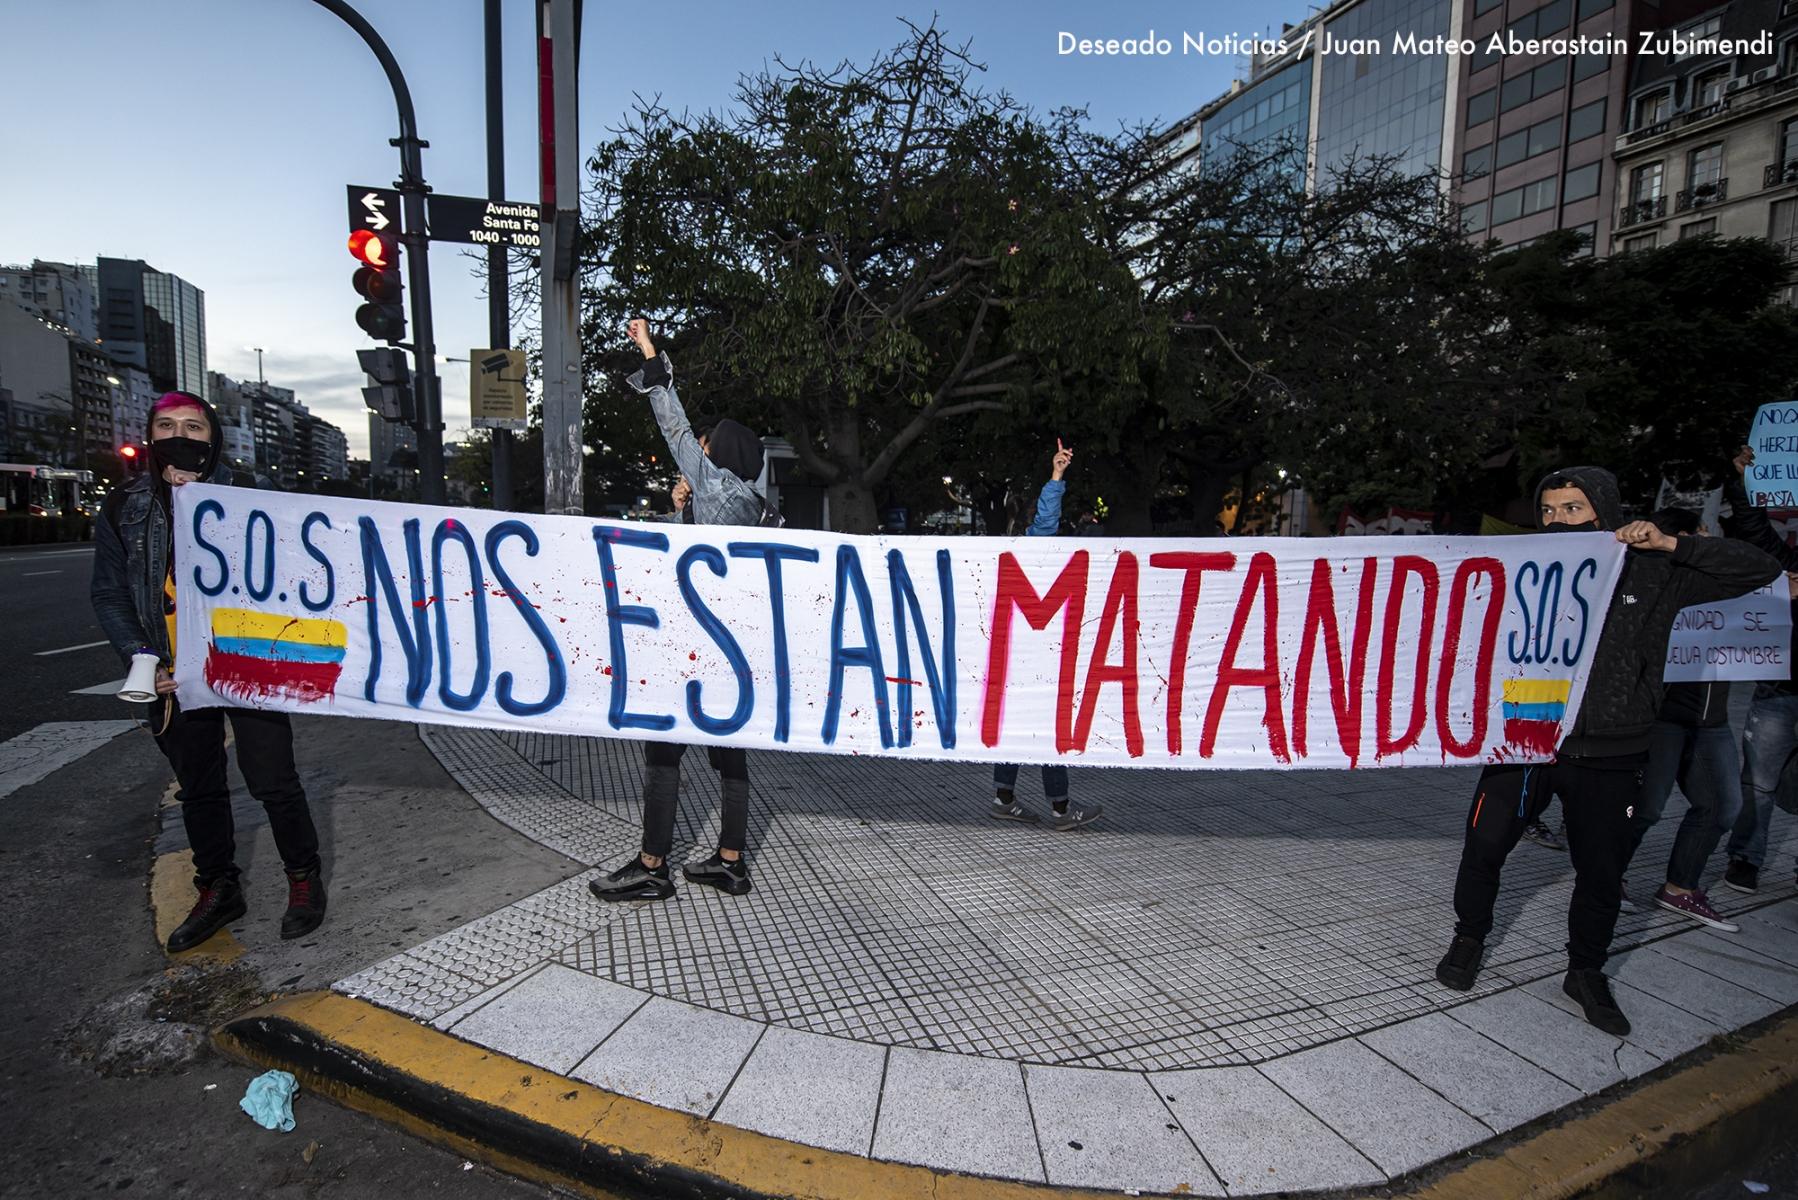 Manifestación-de-colombianos_Ph_JuanMateoAberastain_5